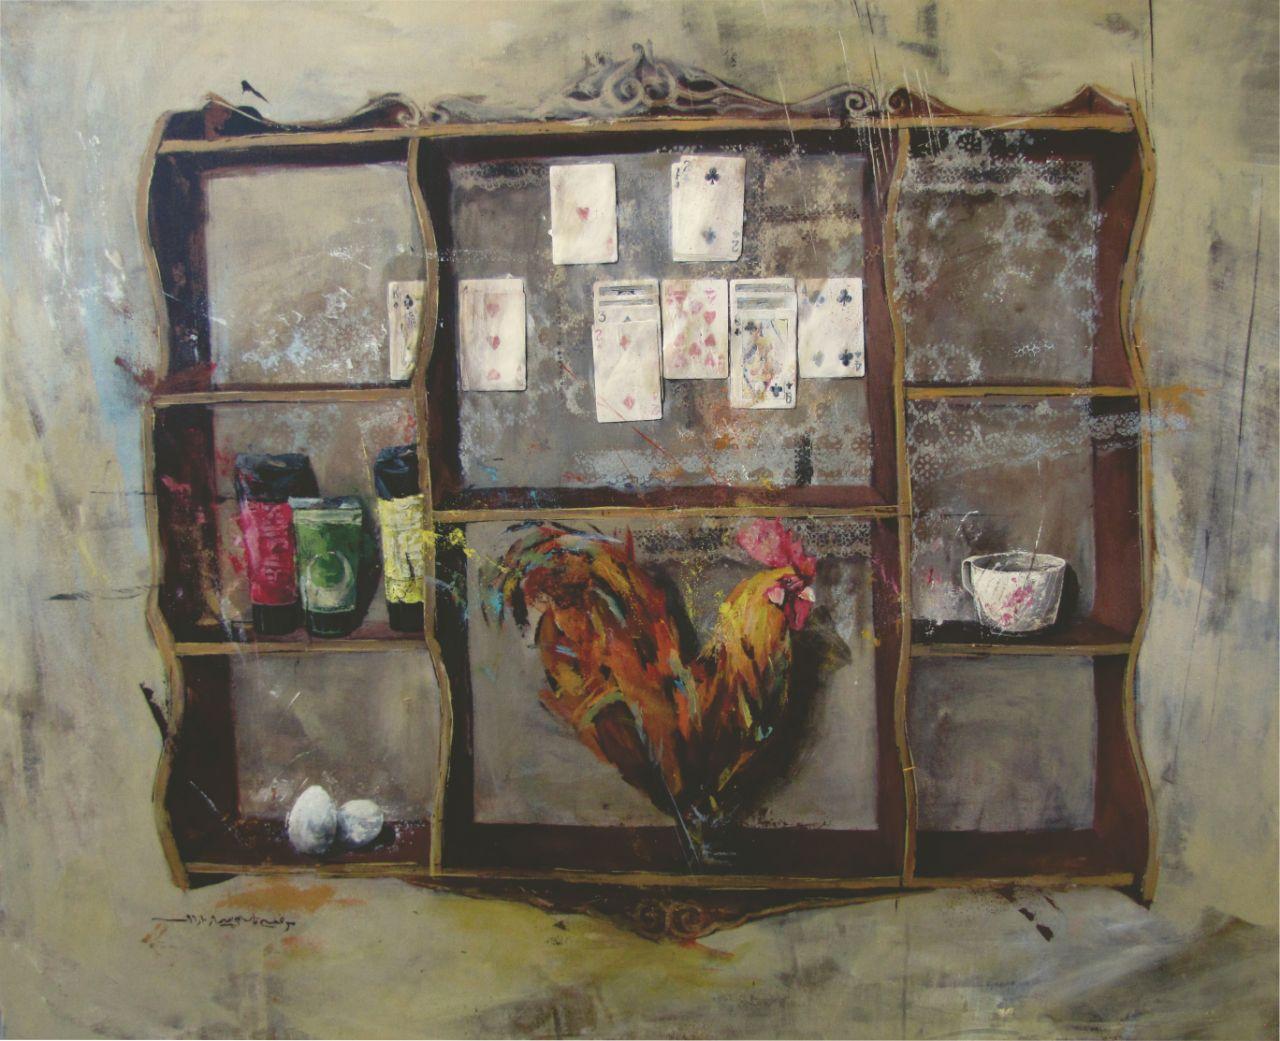 اثر مرضیه قاسم پور در نمایشگاه نابجایی  گالری الهه